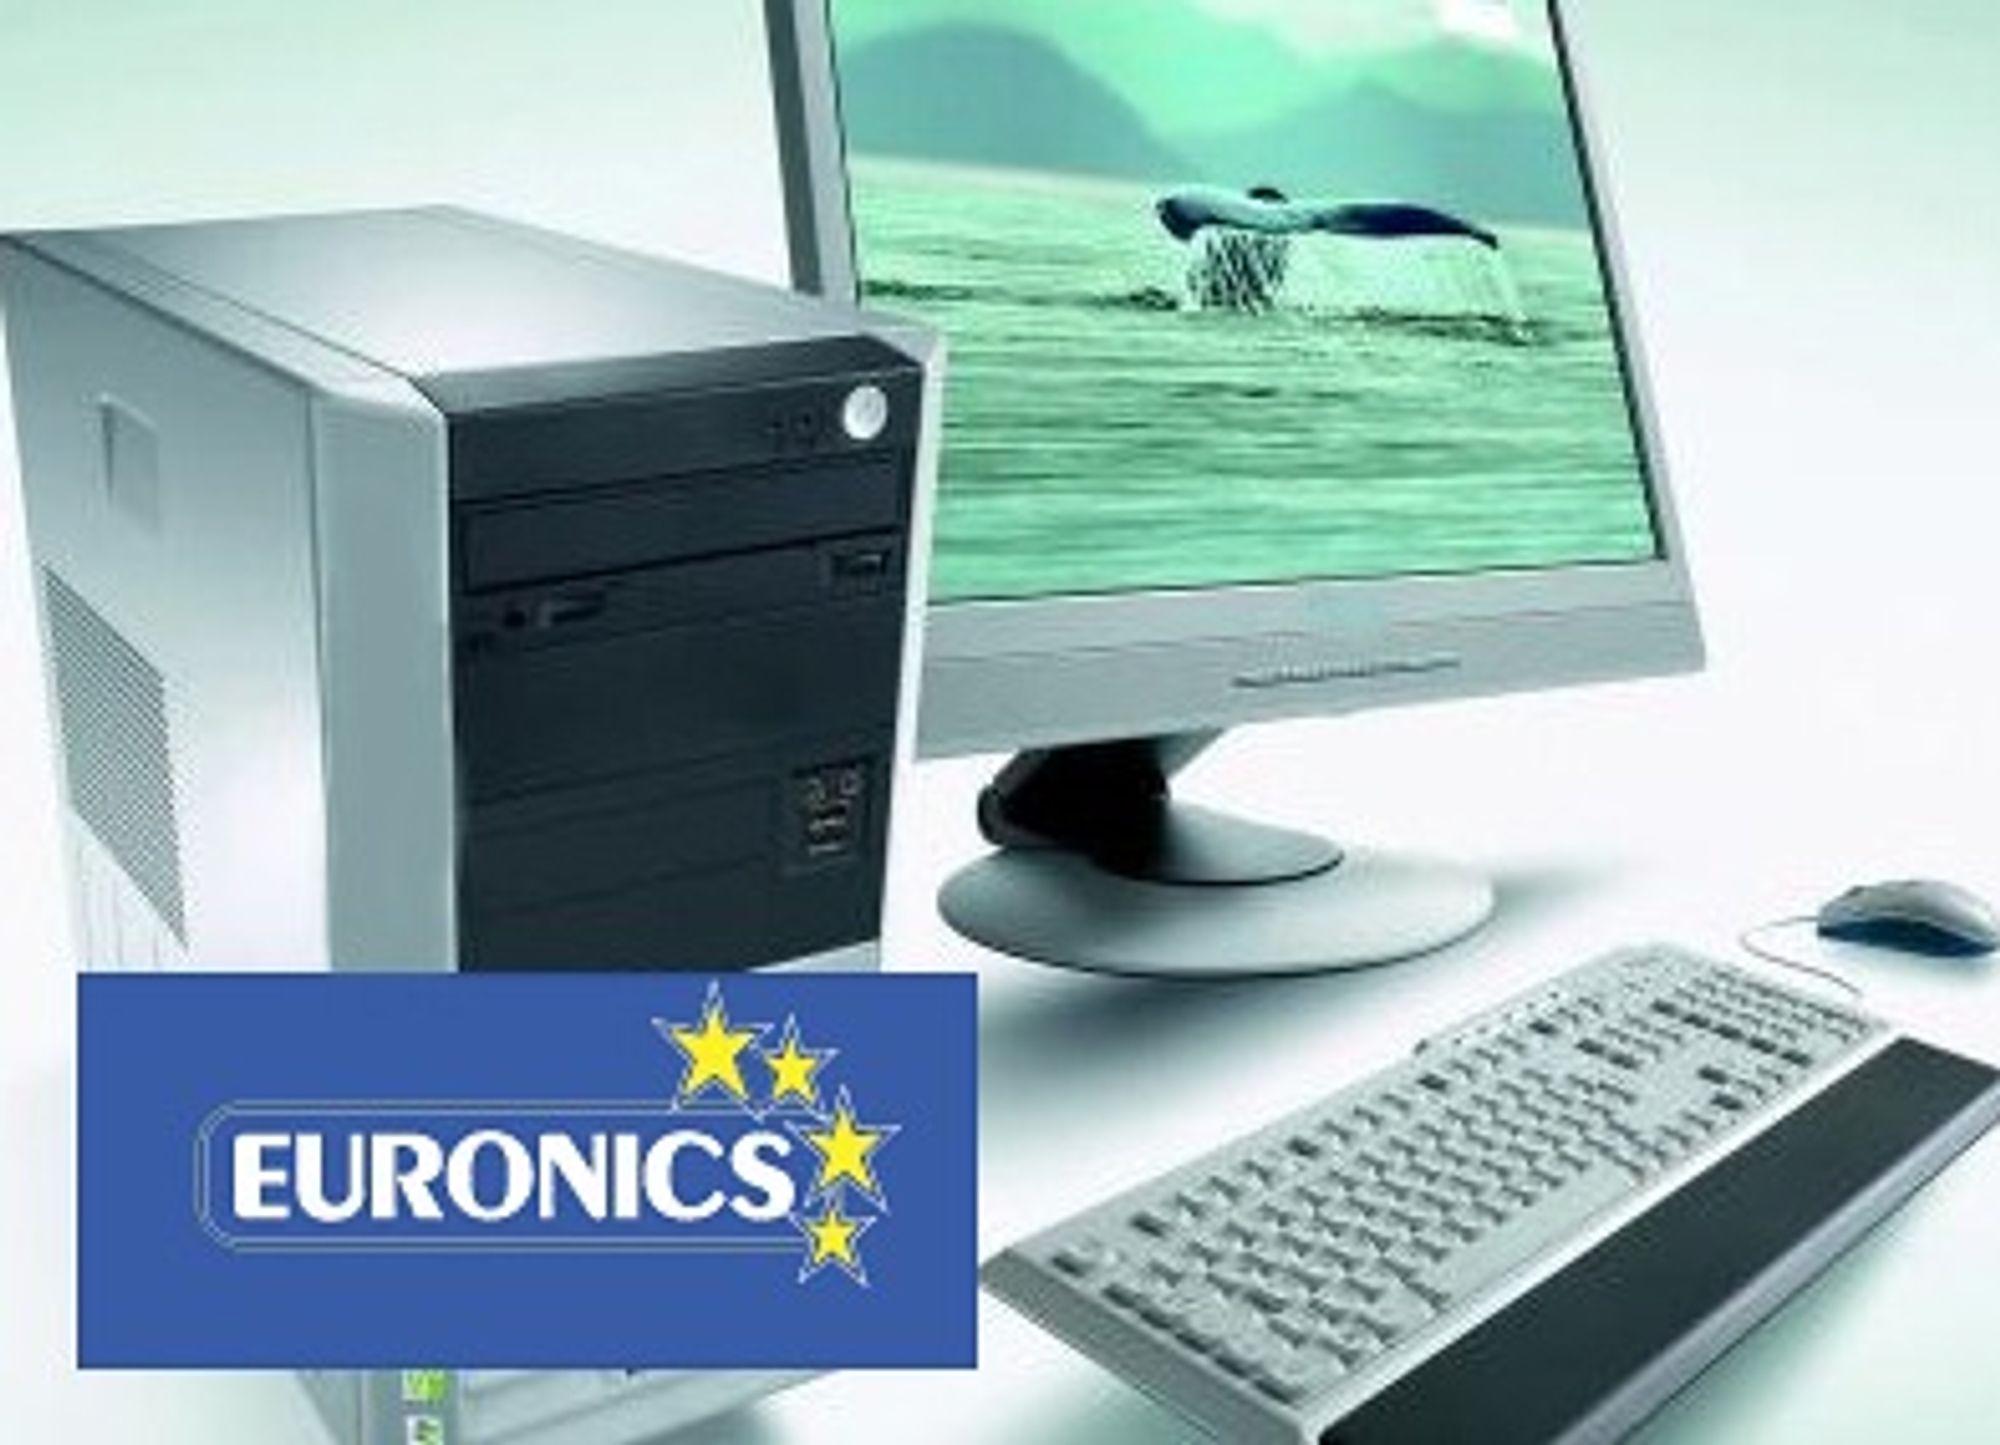 UTVIDER: Euronics skal lansere en netthandelsløsning i god tid før julehandelen.  (M) Fotomontasje